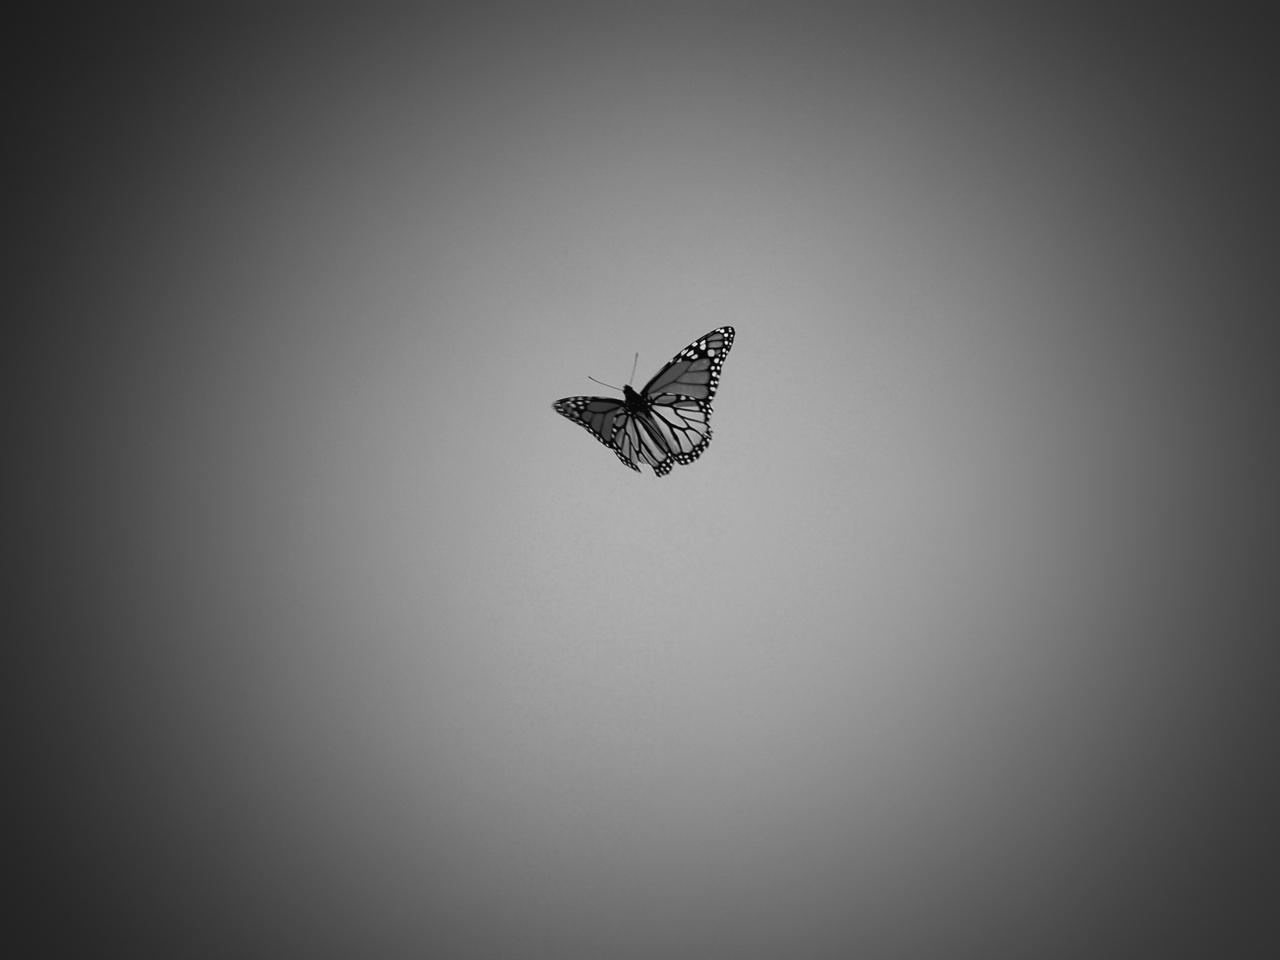 butterfly - 1 (2)